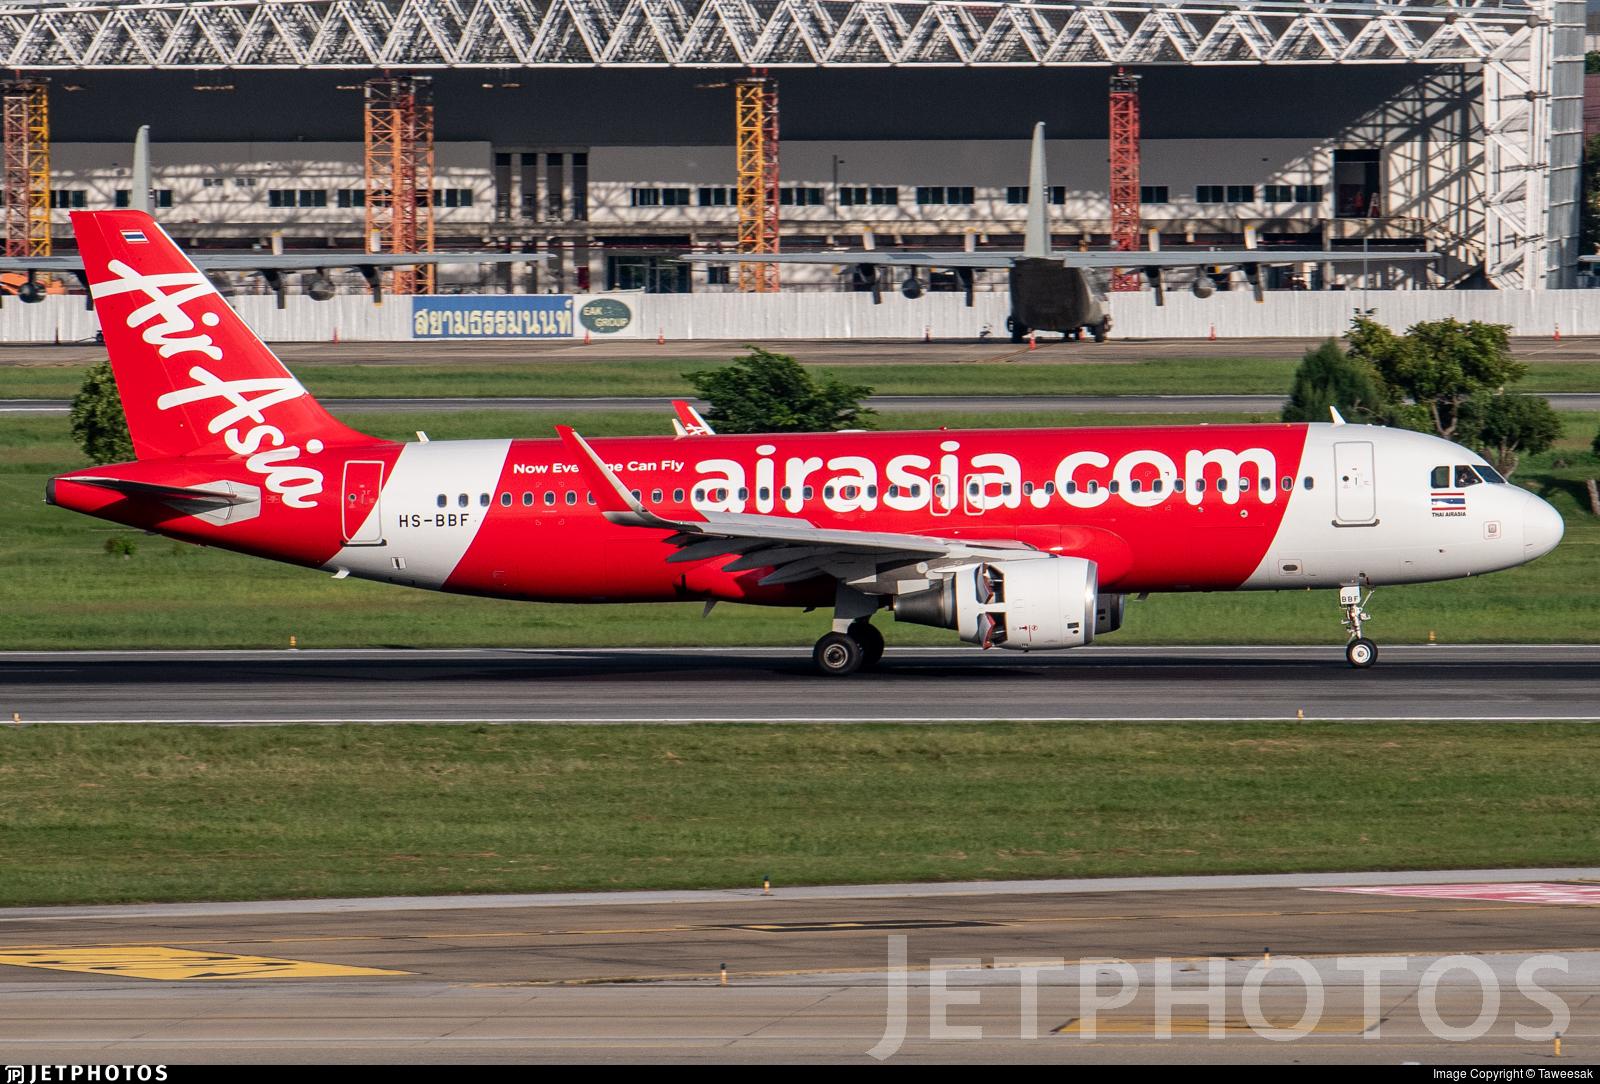 HS-BBF - Airbus A320-216 - Thai AirAsia